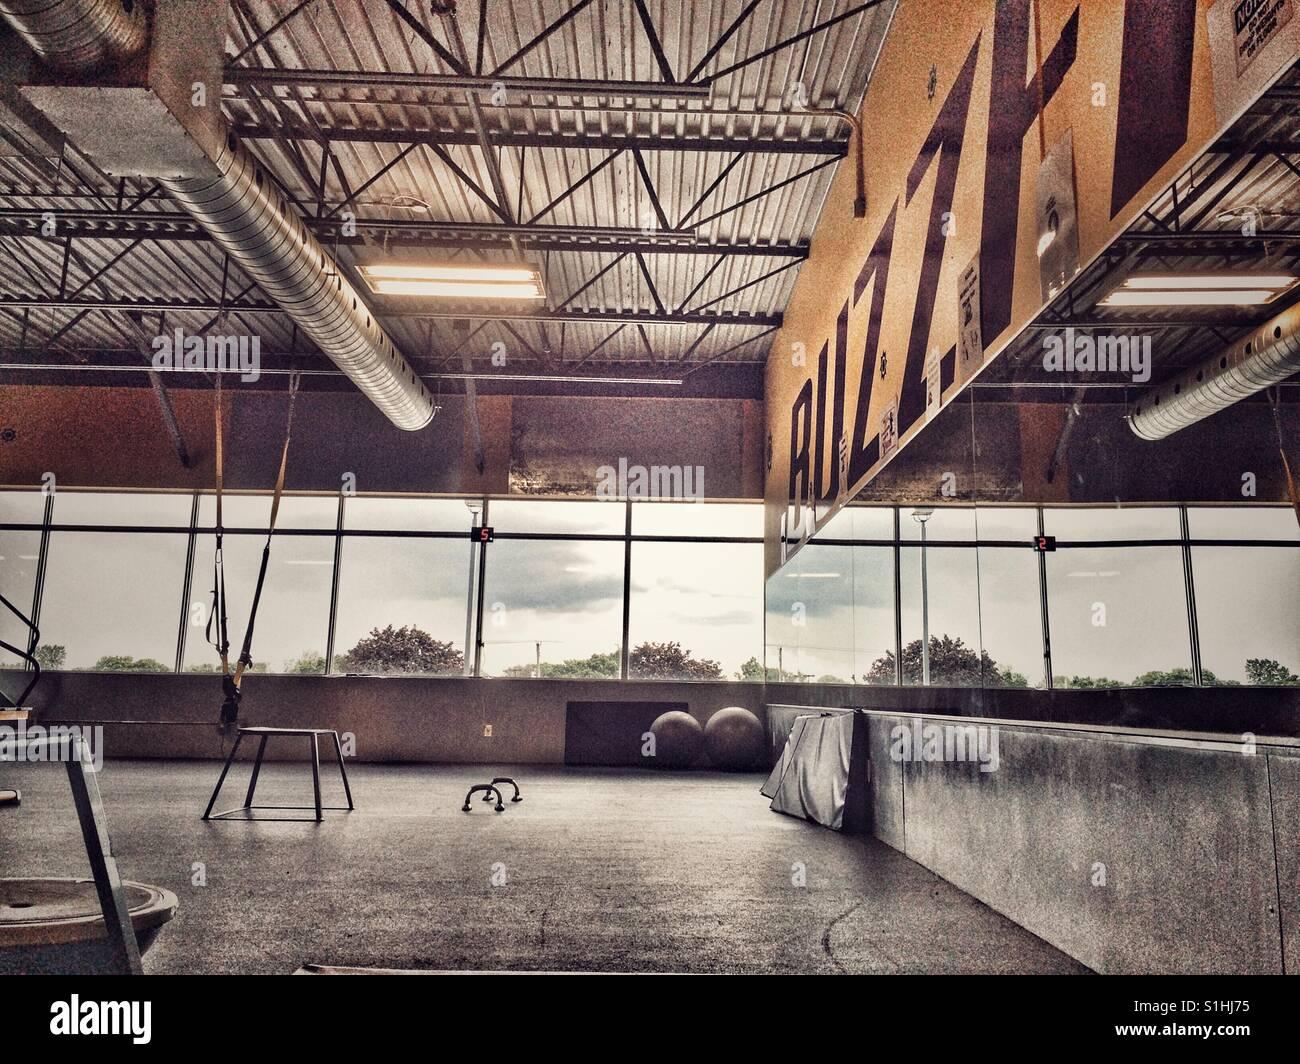 Empty gym - Stock Image